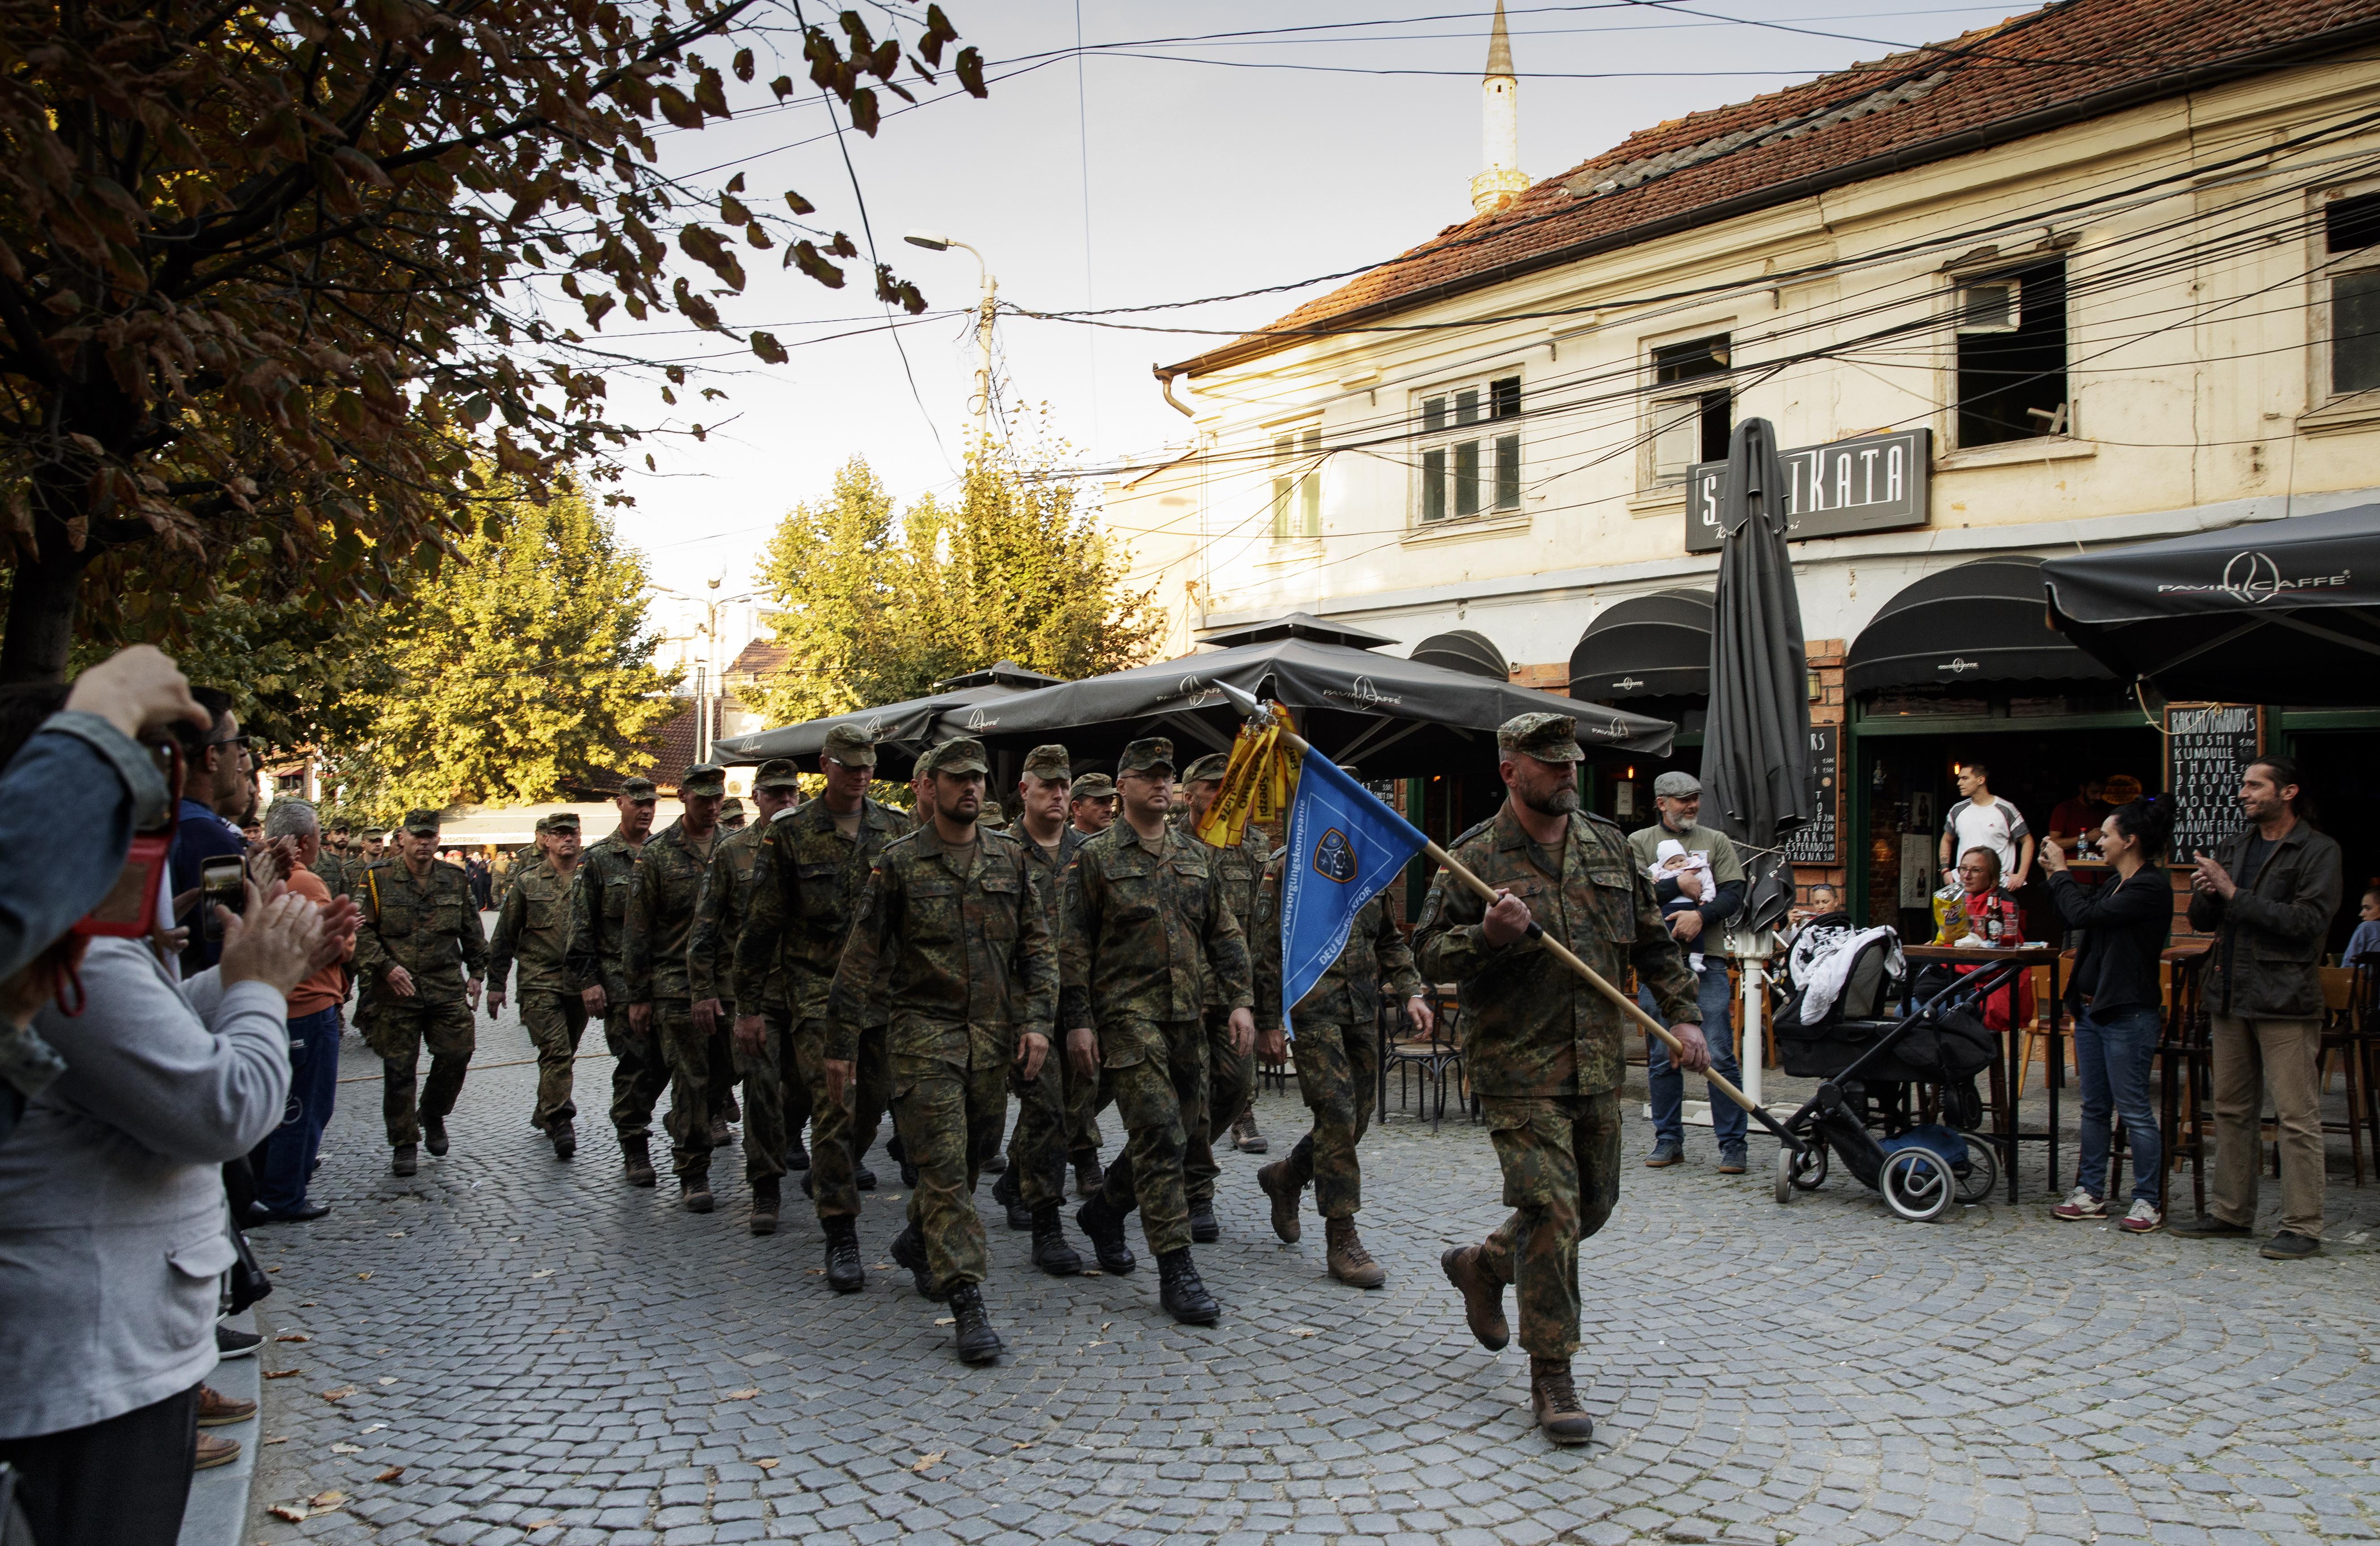 Kosovo glasovalo za stvaranju nacionalne vojske unatoč srpskim prigovorima